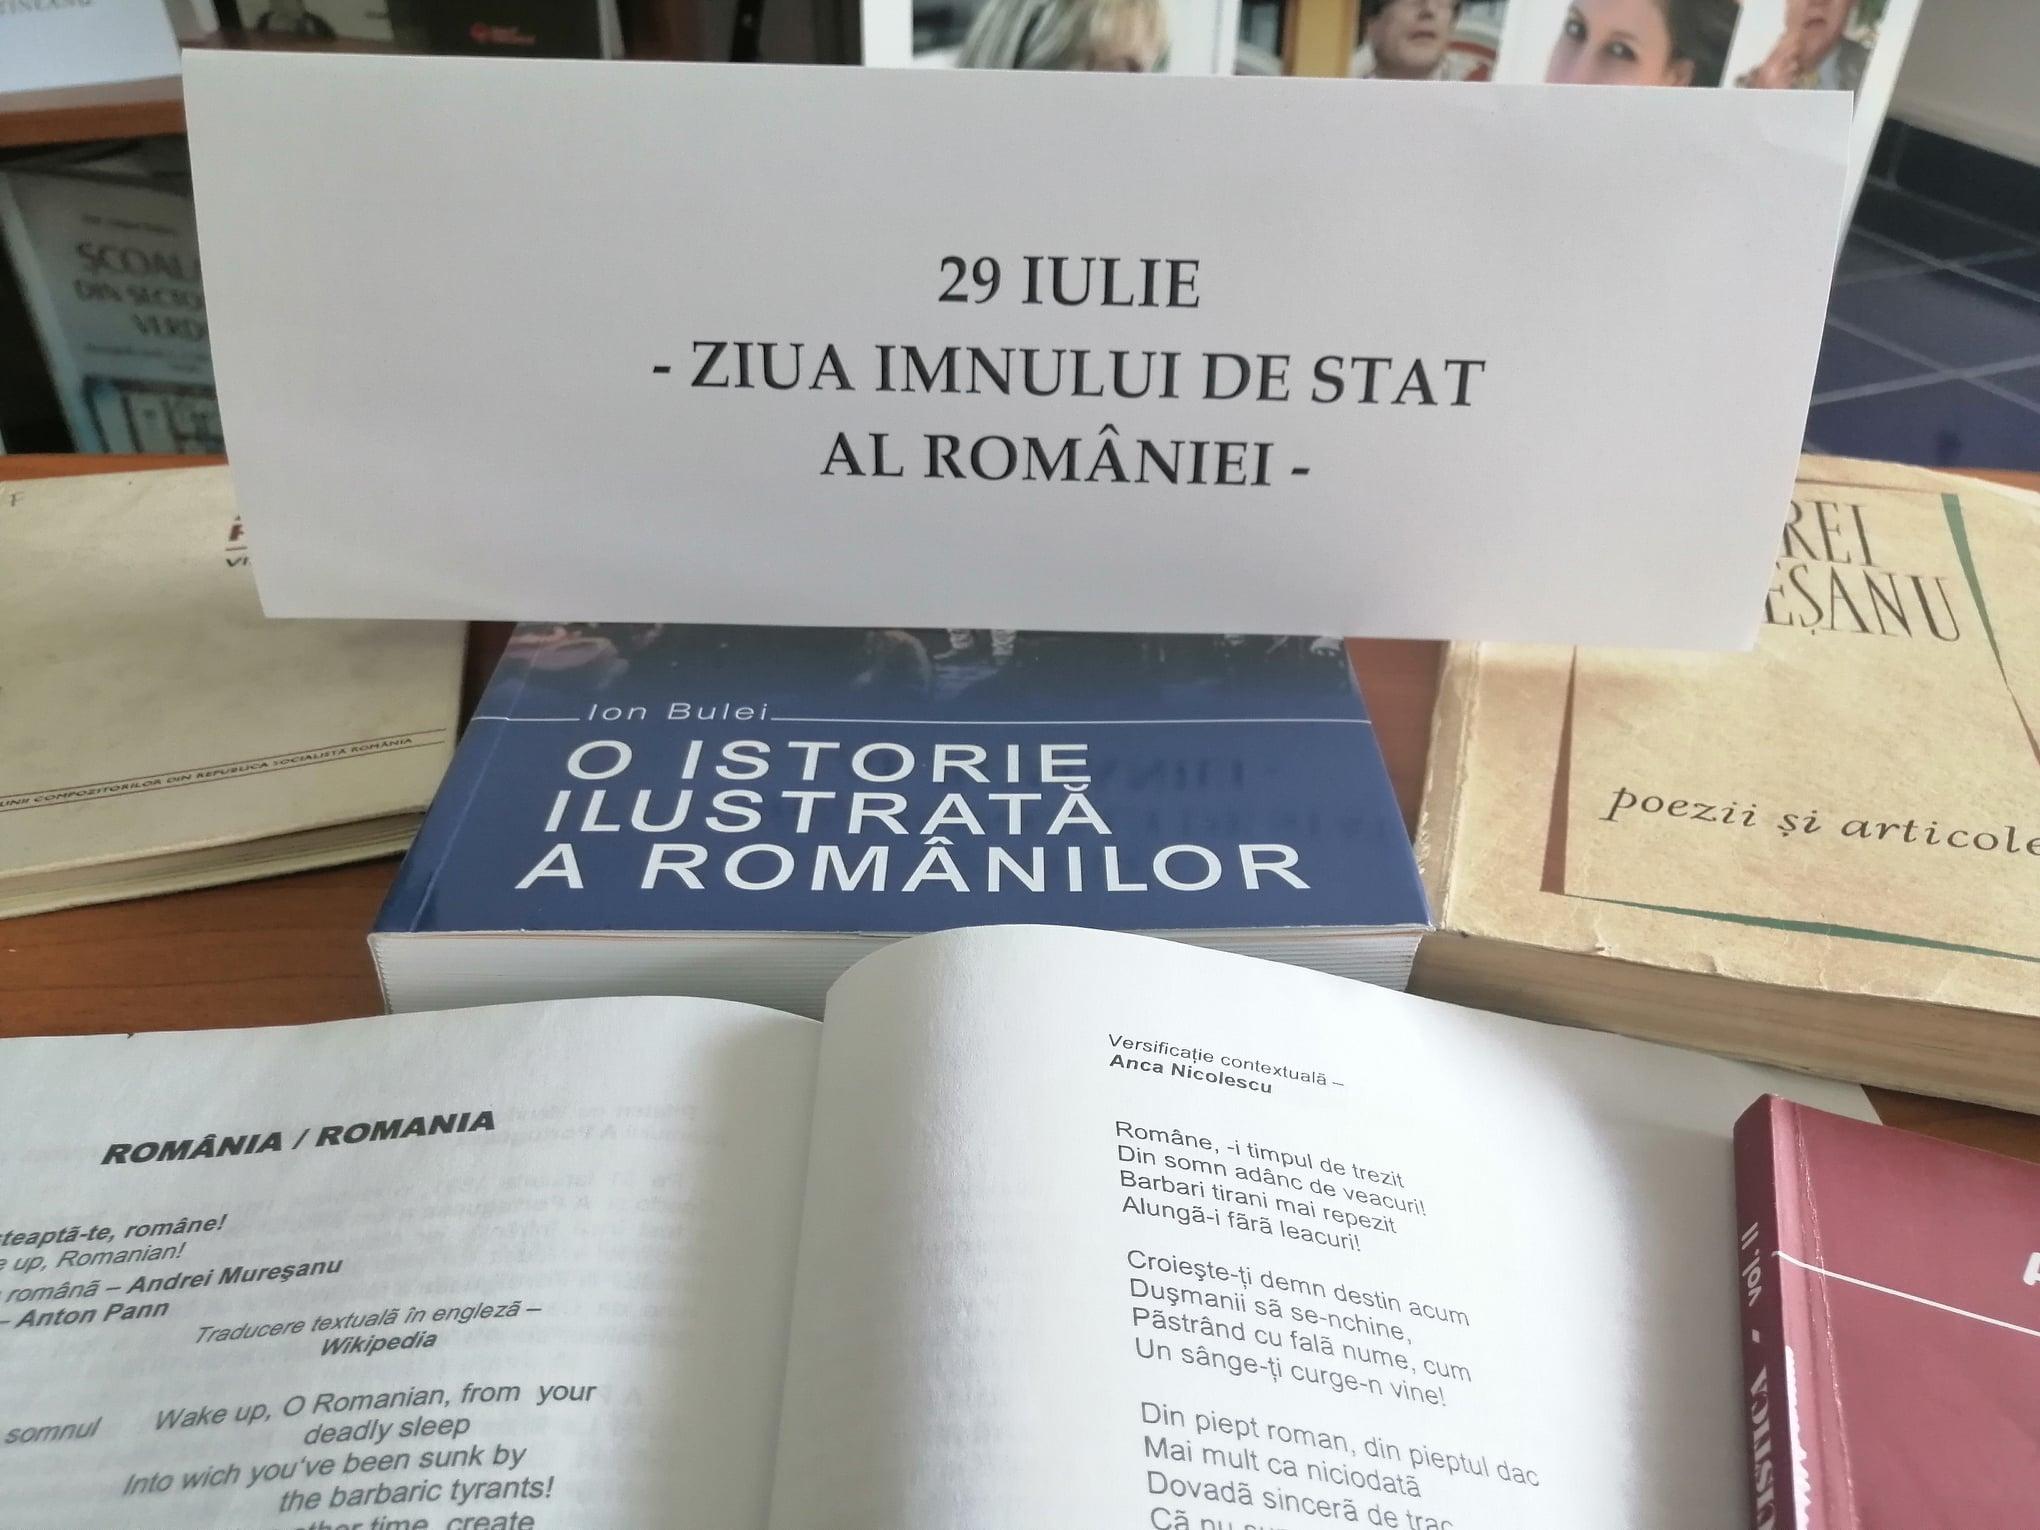 29 IULIE, ZIUA IMNULUI NAȚIONAL AL ROMÂNIEI